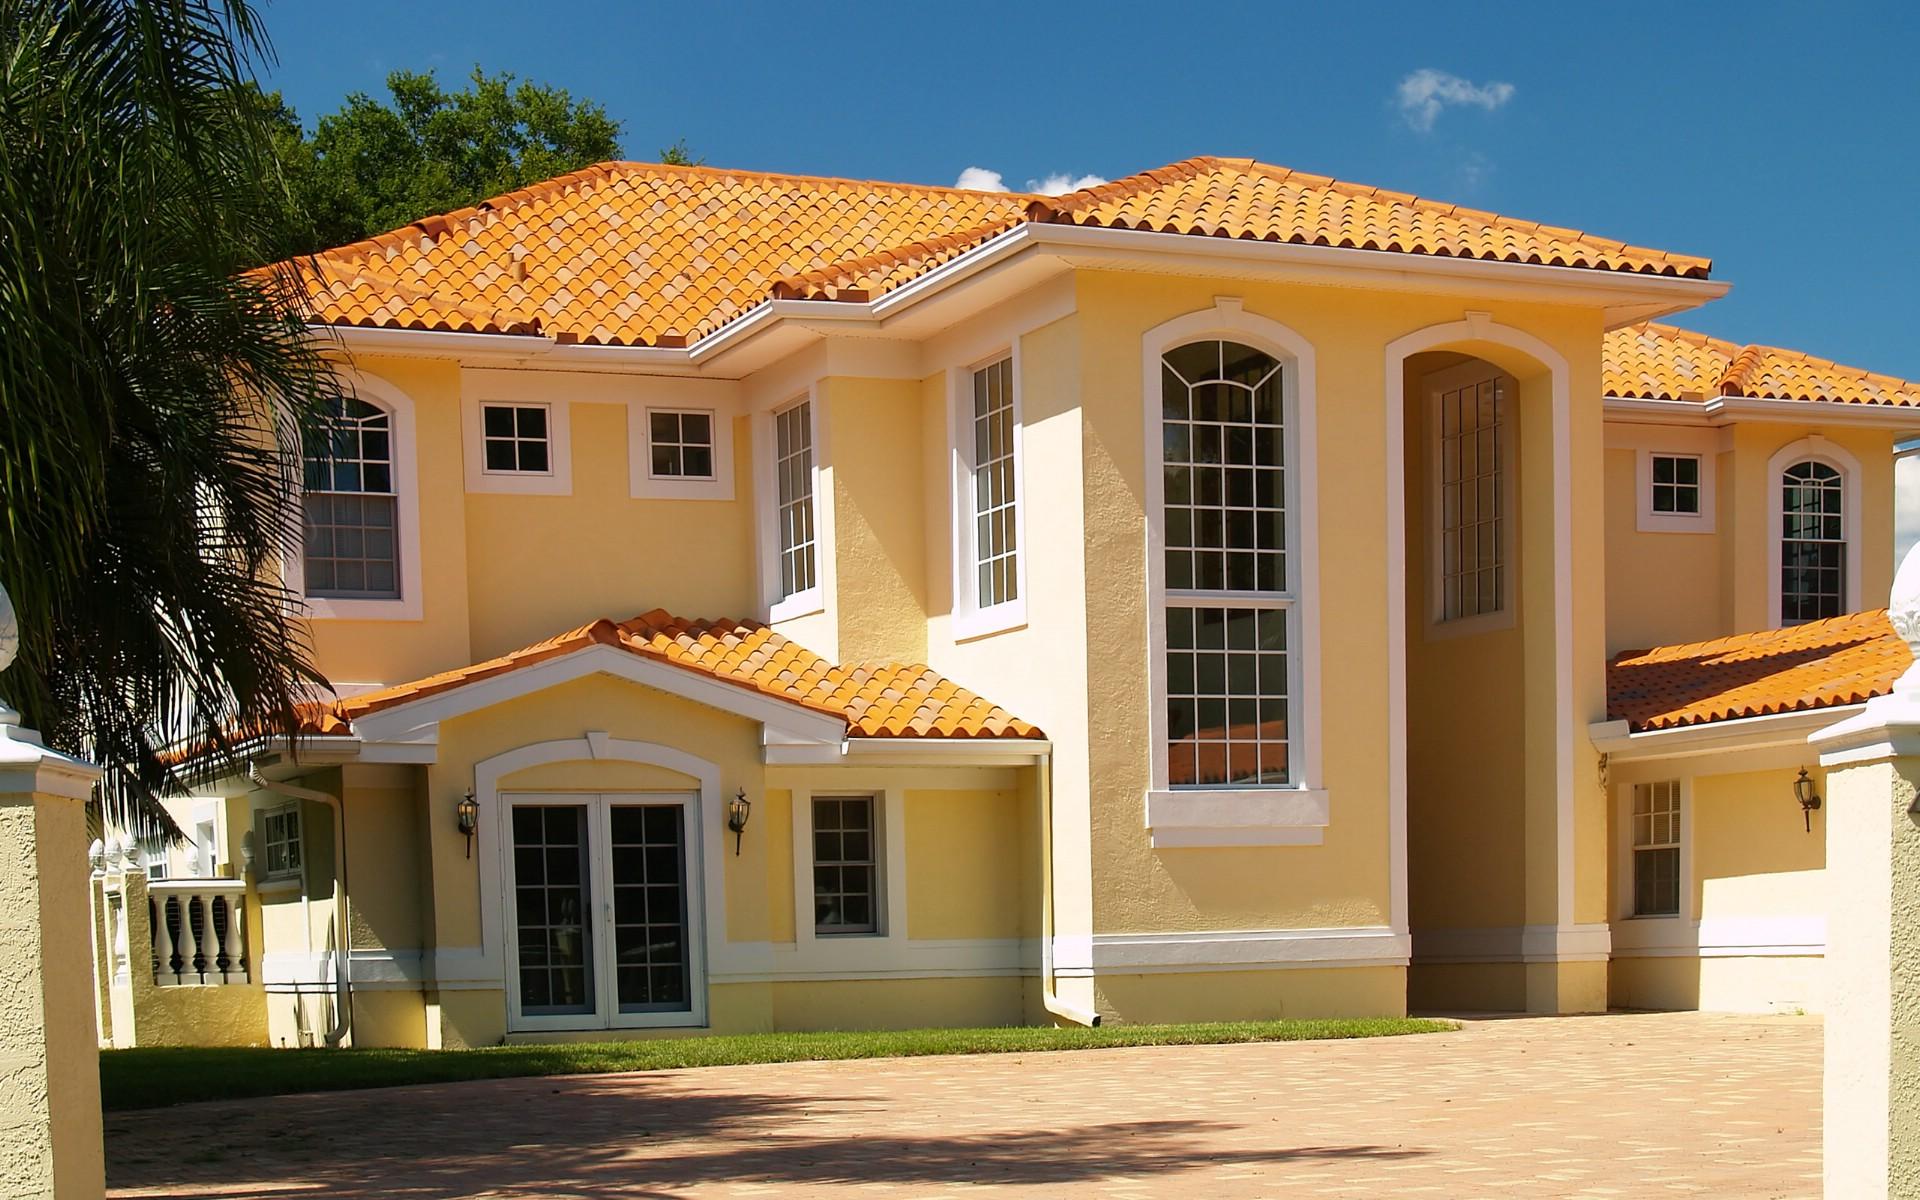 壁纸1920×1200超大别墅写真 2 11壁纸 超大别墅写真壁纸图片建筑壁纸建筑图片素材桌面壁纸